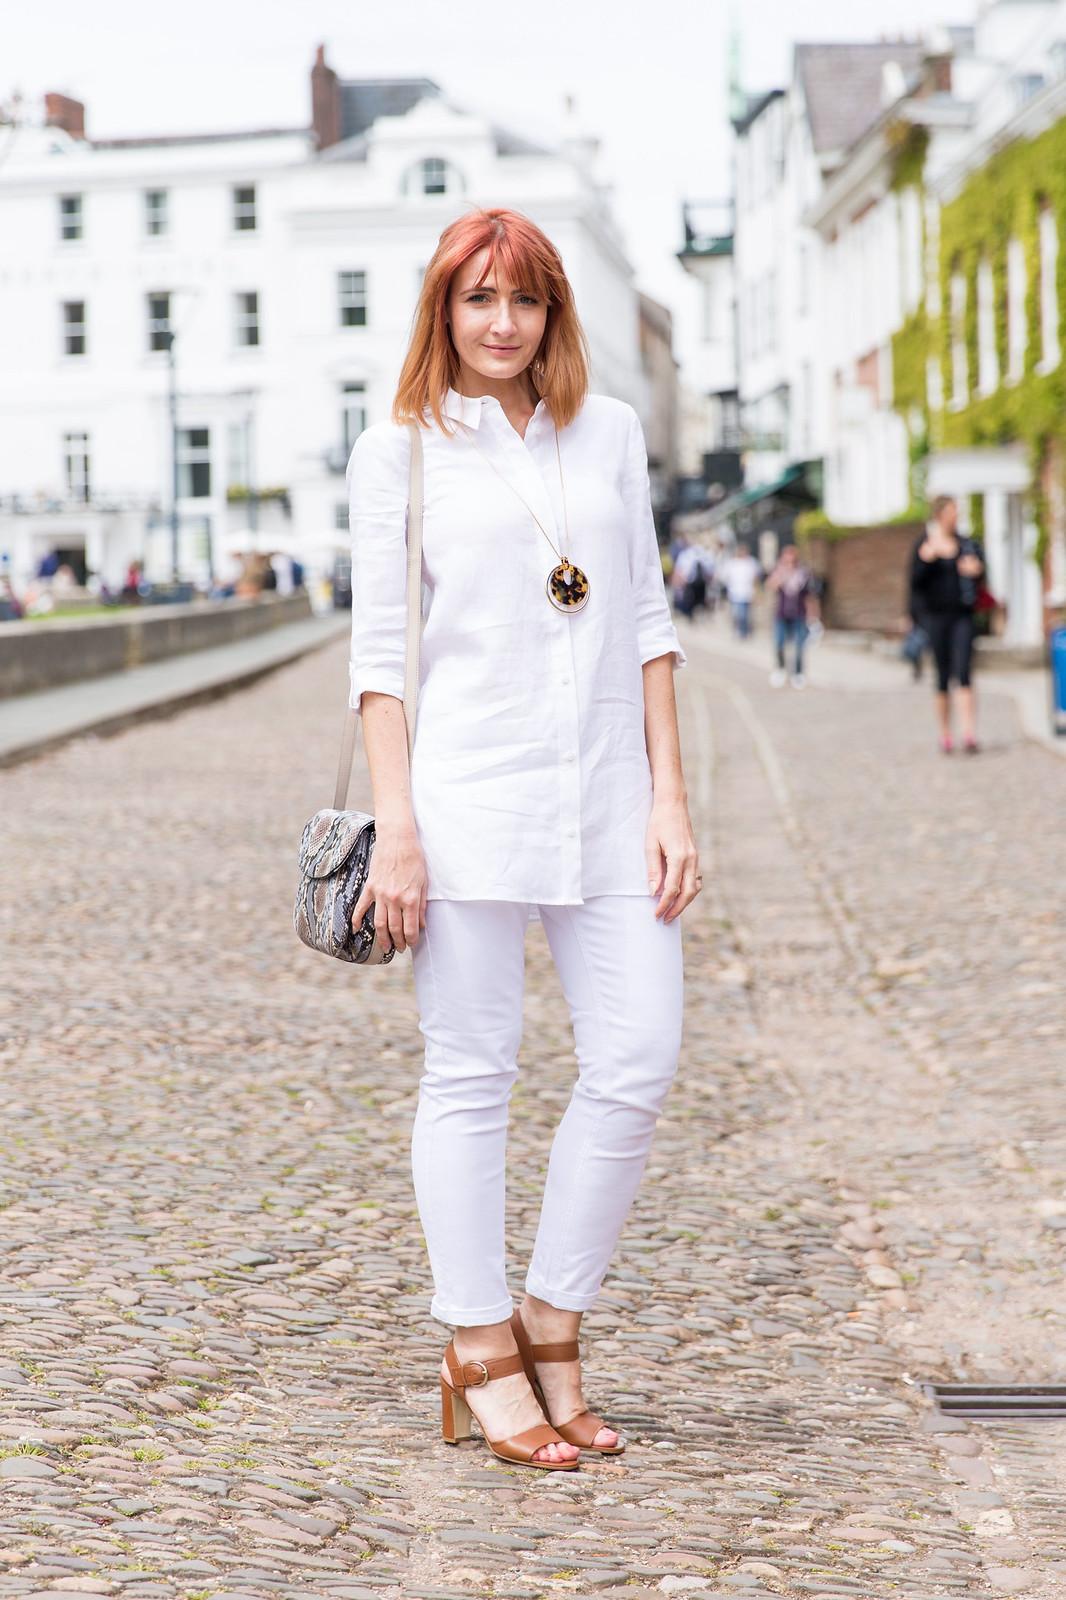 Hobbs SS16: White linen shirt, white jeans, snakeskin print satchel, tan sandals | Not Dressed As Lamb (photo: Kate Forster)